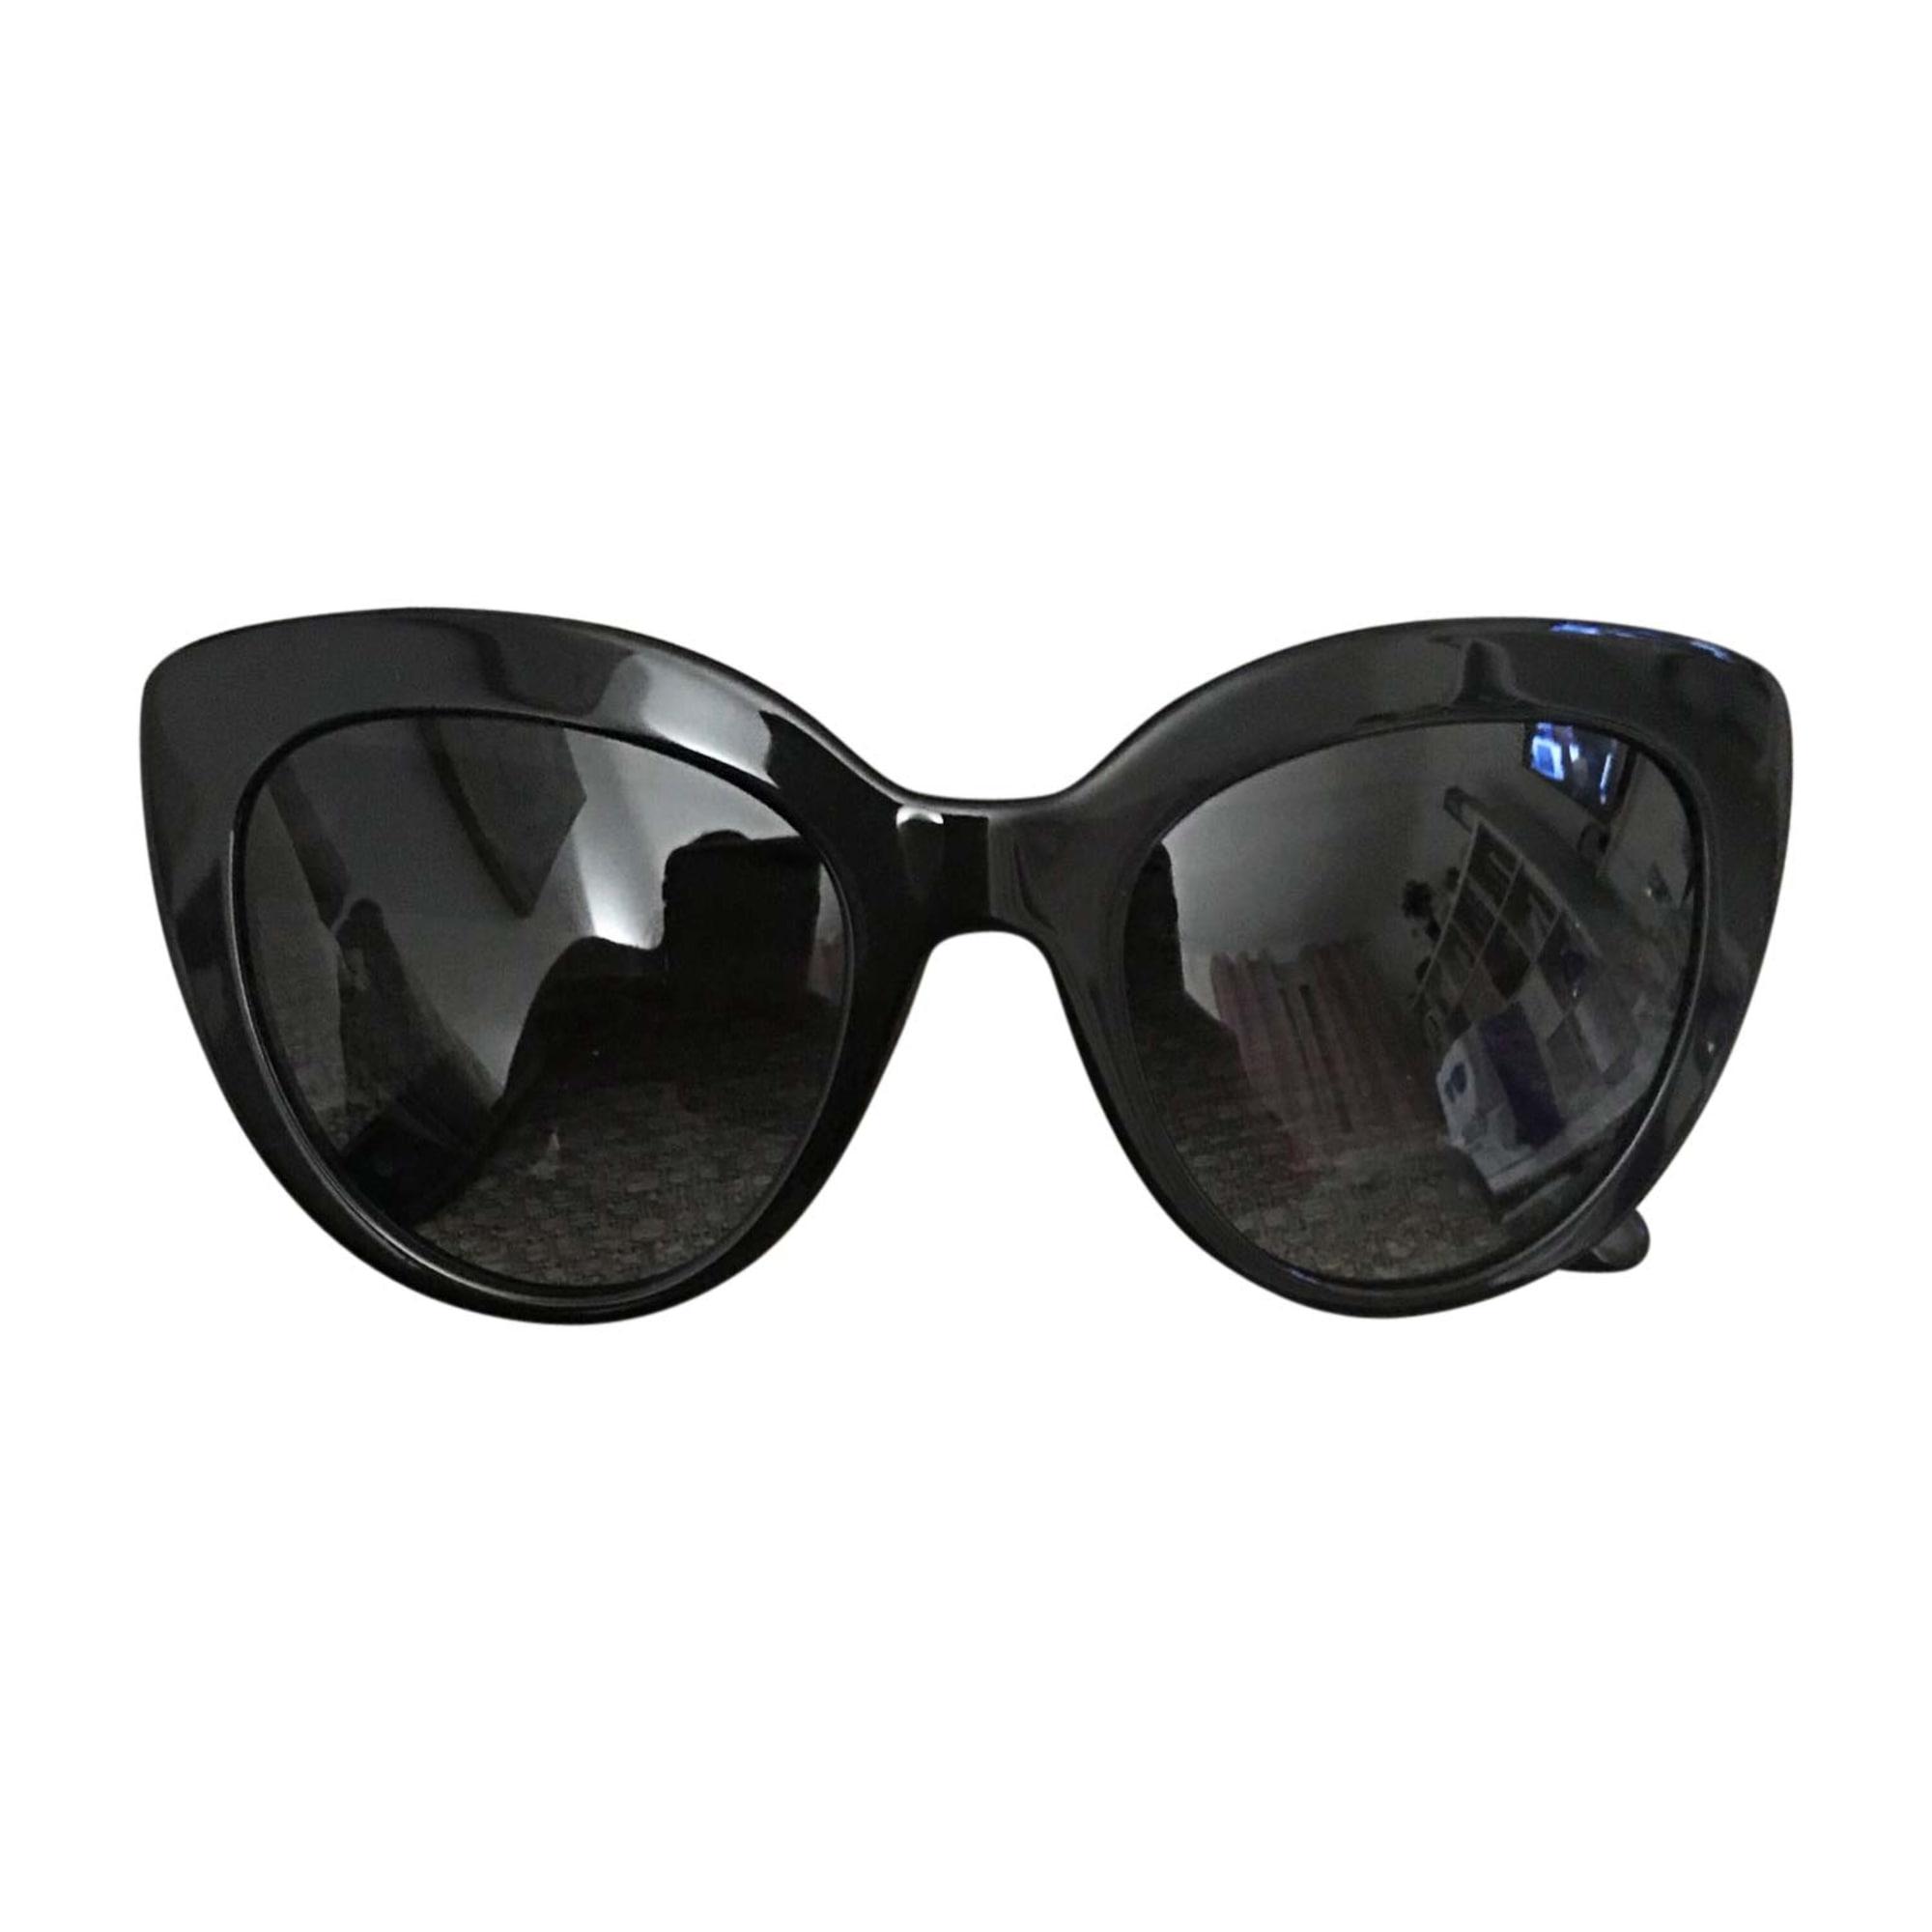 Lunettes de soleil DOLCE   GABBANA noir vendu par Samya 4426502 ... 75903d01df49